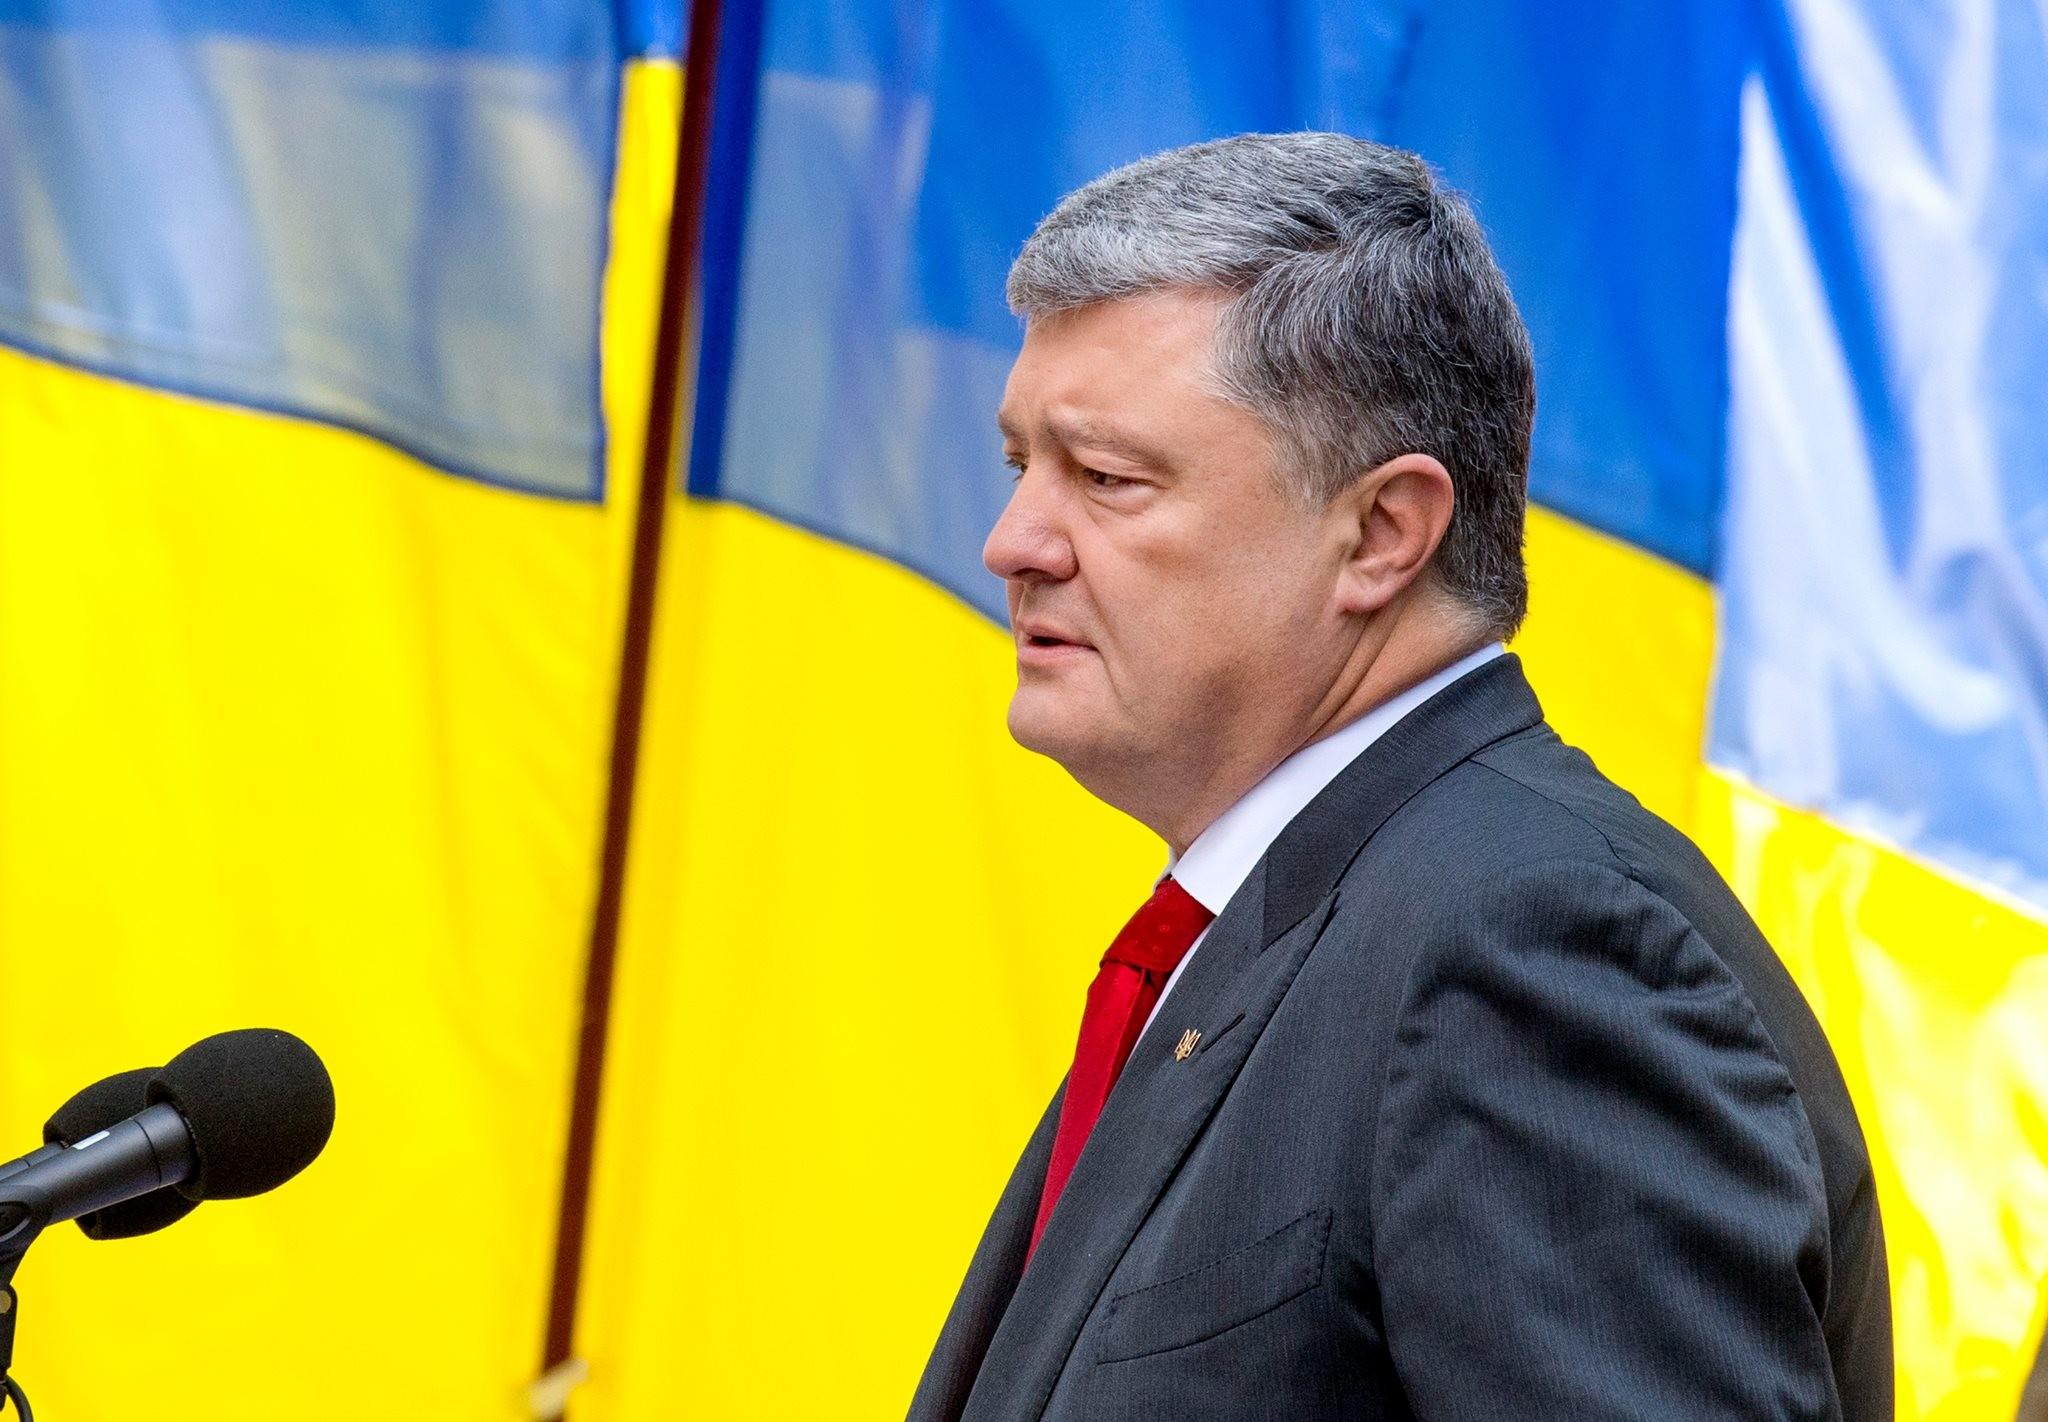 <p>Пётр Порошенко.&nbsp;Фото: &copy; Администрация президента Украины</p>